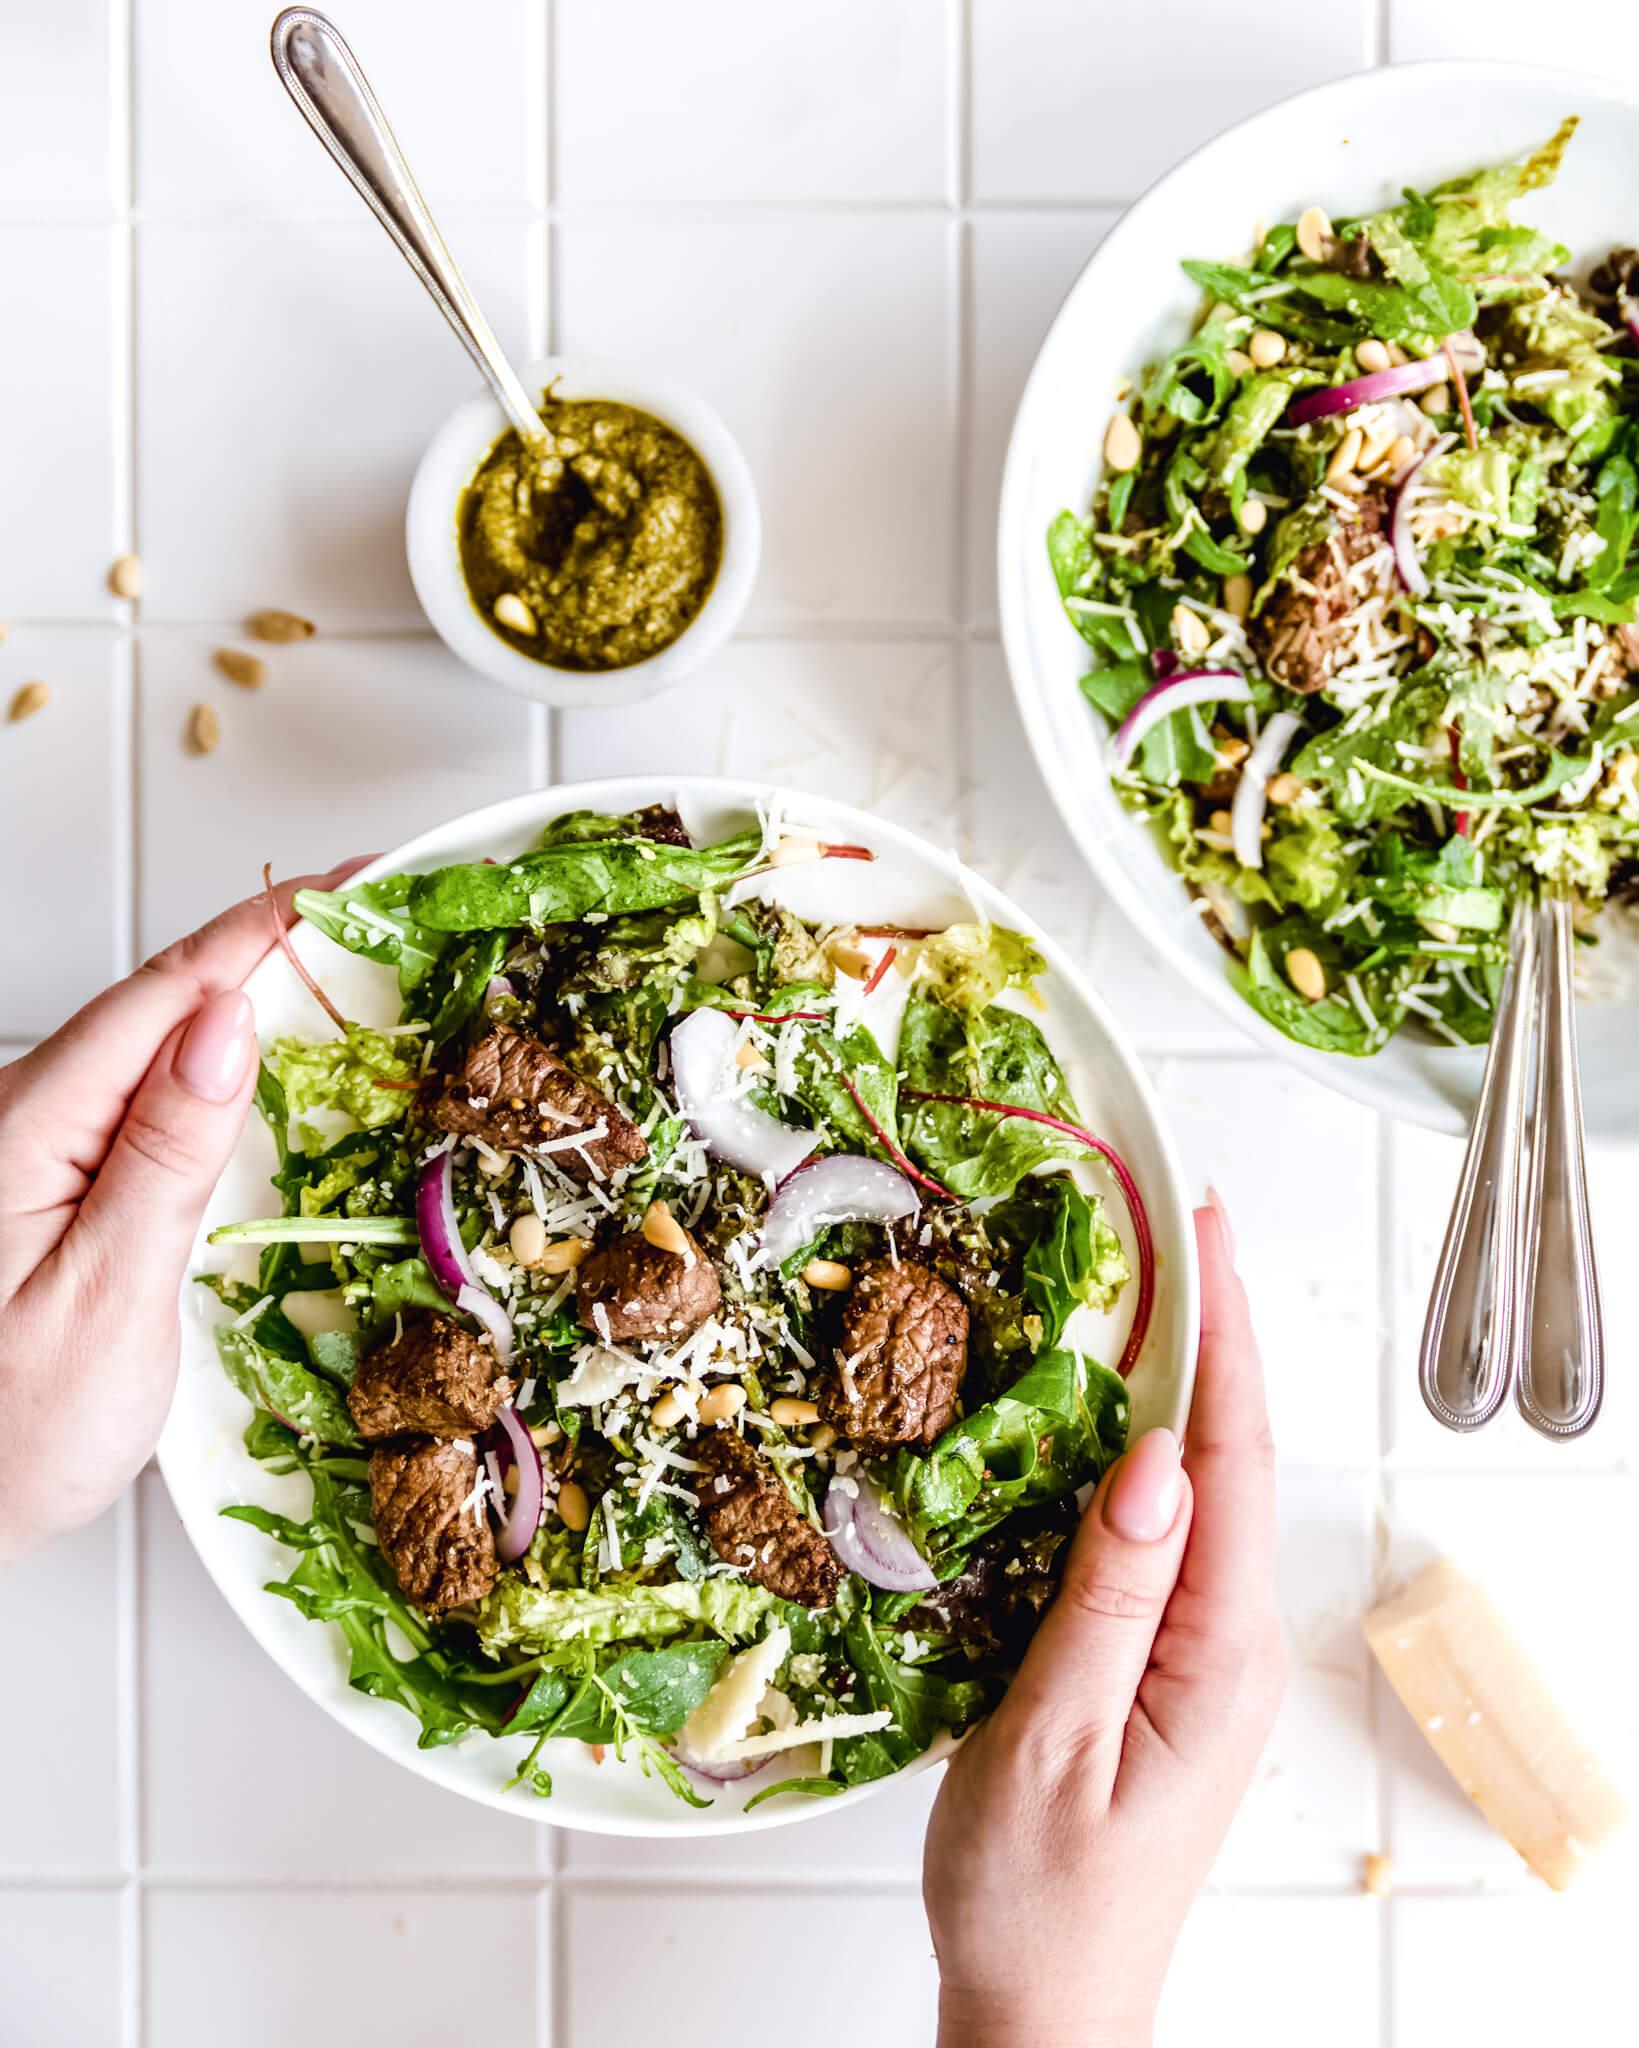 salade met biefstukreepjes